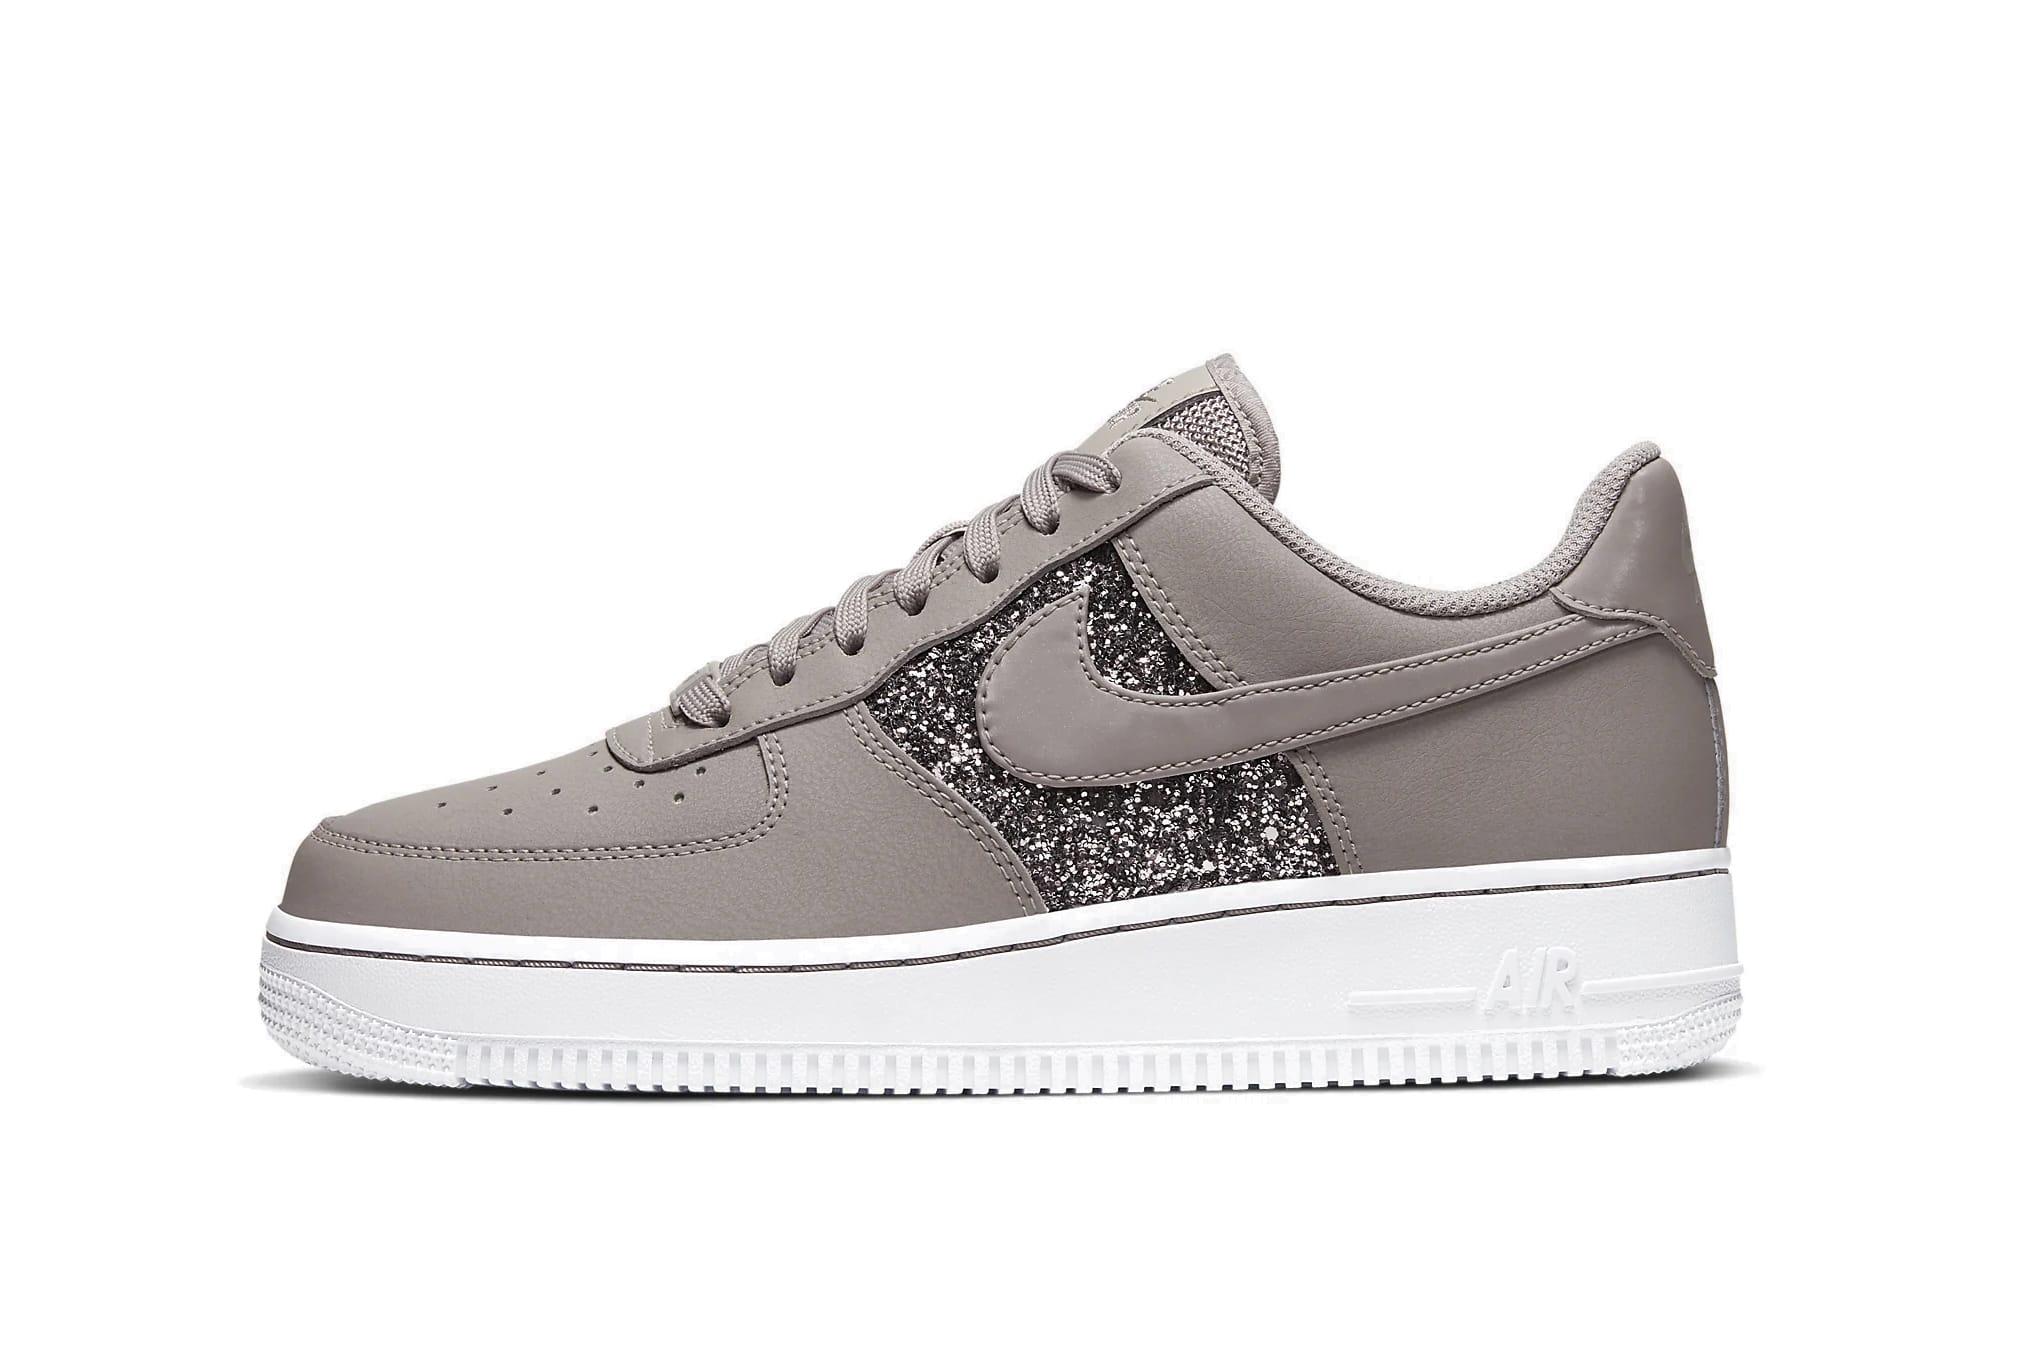 Nike Air Force 1 Glitter Beige Swoosh